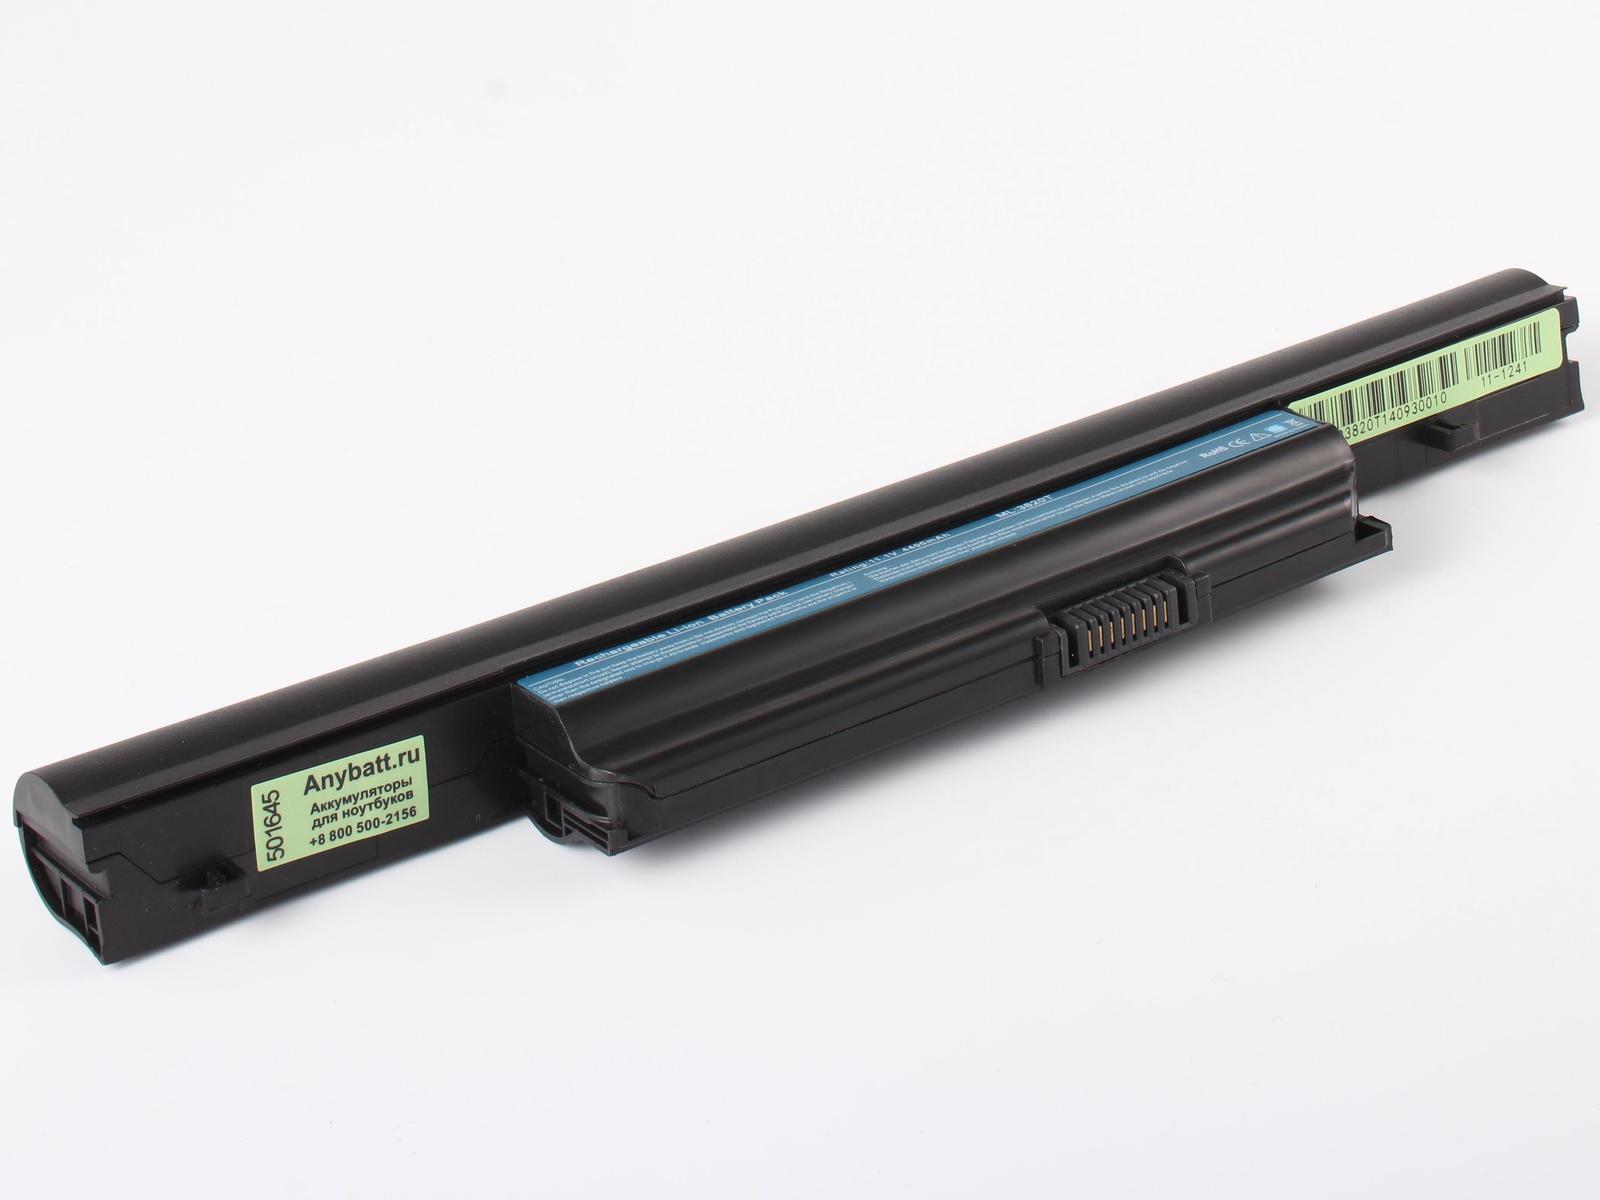 Аккумулятор для ноутбука AnyBatt для Acer Aspire 7739G-384G50Mnkk, Aspire 7745G-728G1TBiks, Aspire Timeline 3820T, Aspire TimelineX 3820TG 353G25iks, Aspire TimelineX 3820TG-353G25iks, Aspire TimelineX 4820TG-373G32Miks цена в Москве и Питере